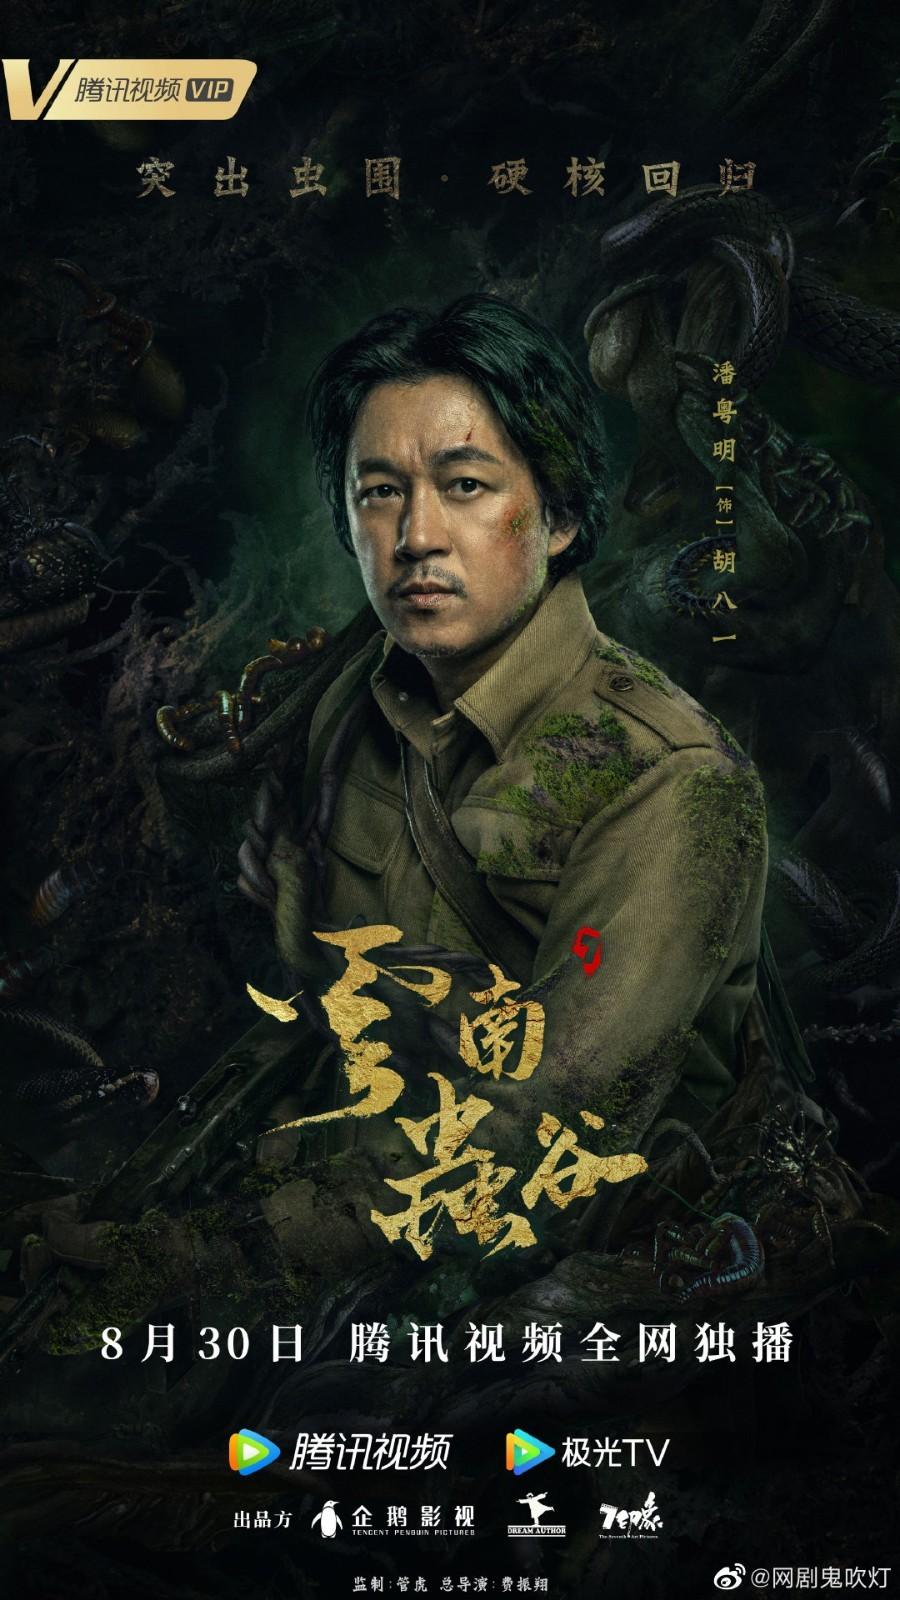 鬼吹灯网剧《云南虫谷》片头公布 8月30日开播